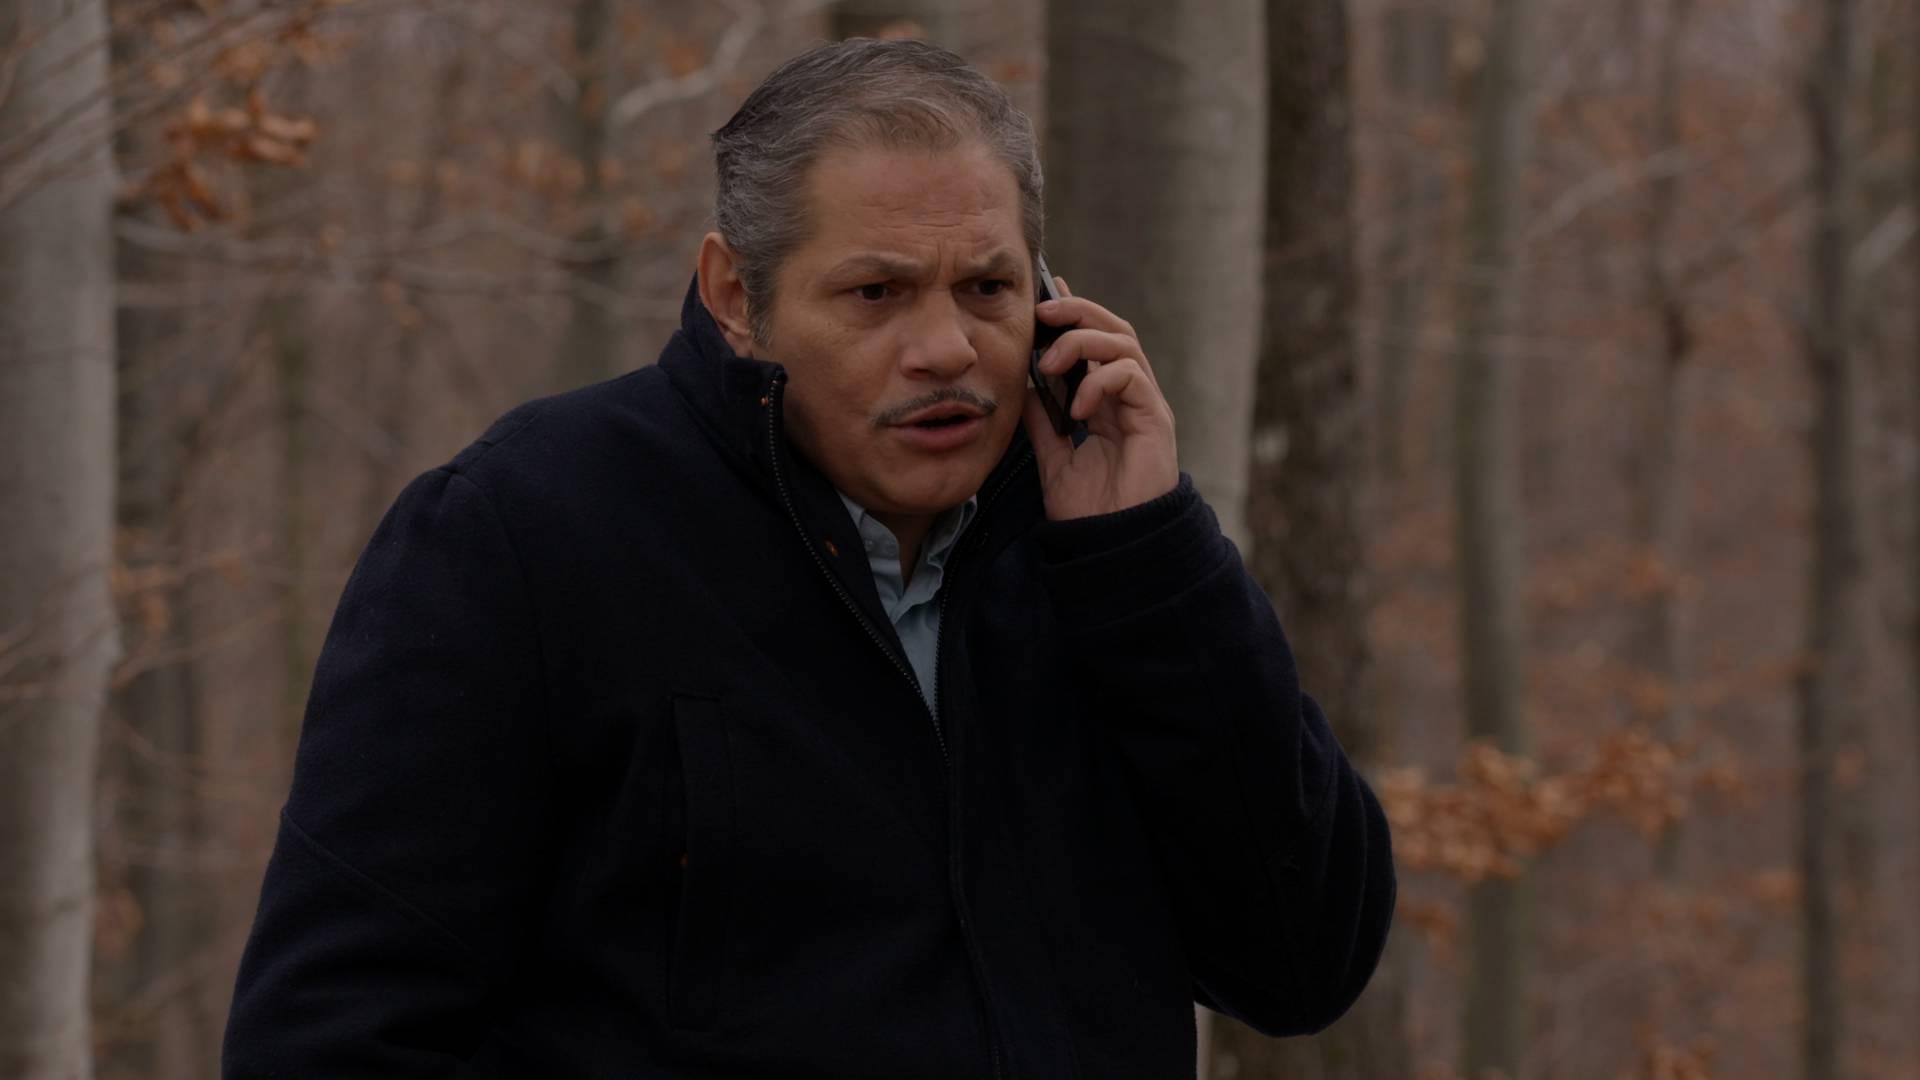 Inspektor Rakić preuzima slučaj i stiže u Oštrovac